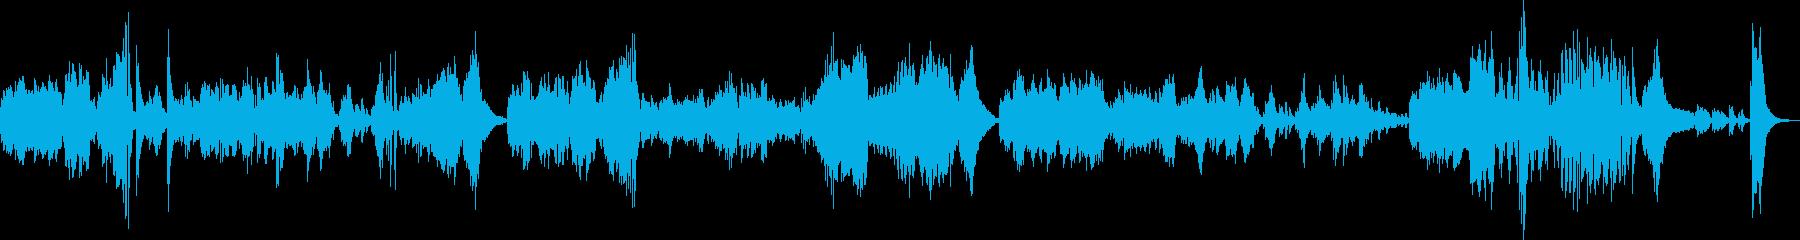 ベートーヴェンピアノソナタ悲愴第三楽章の再生済みの波形